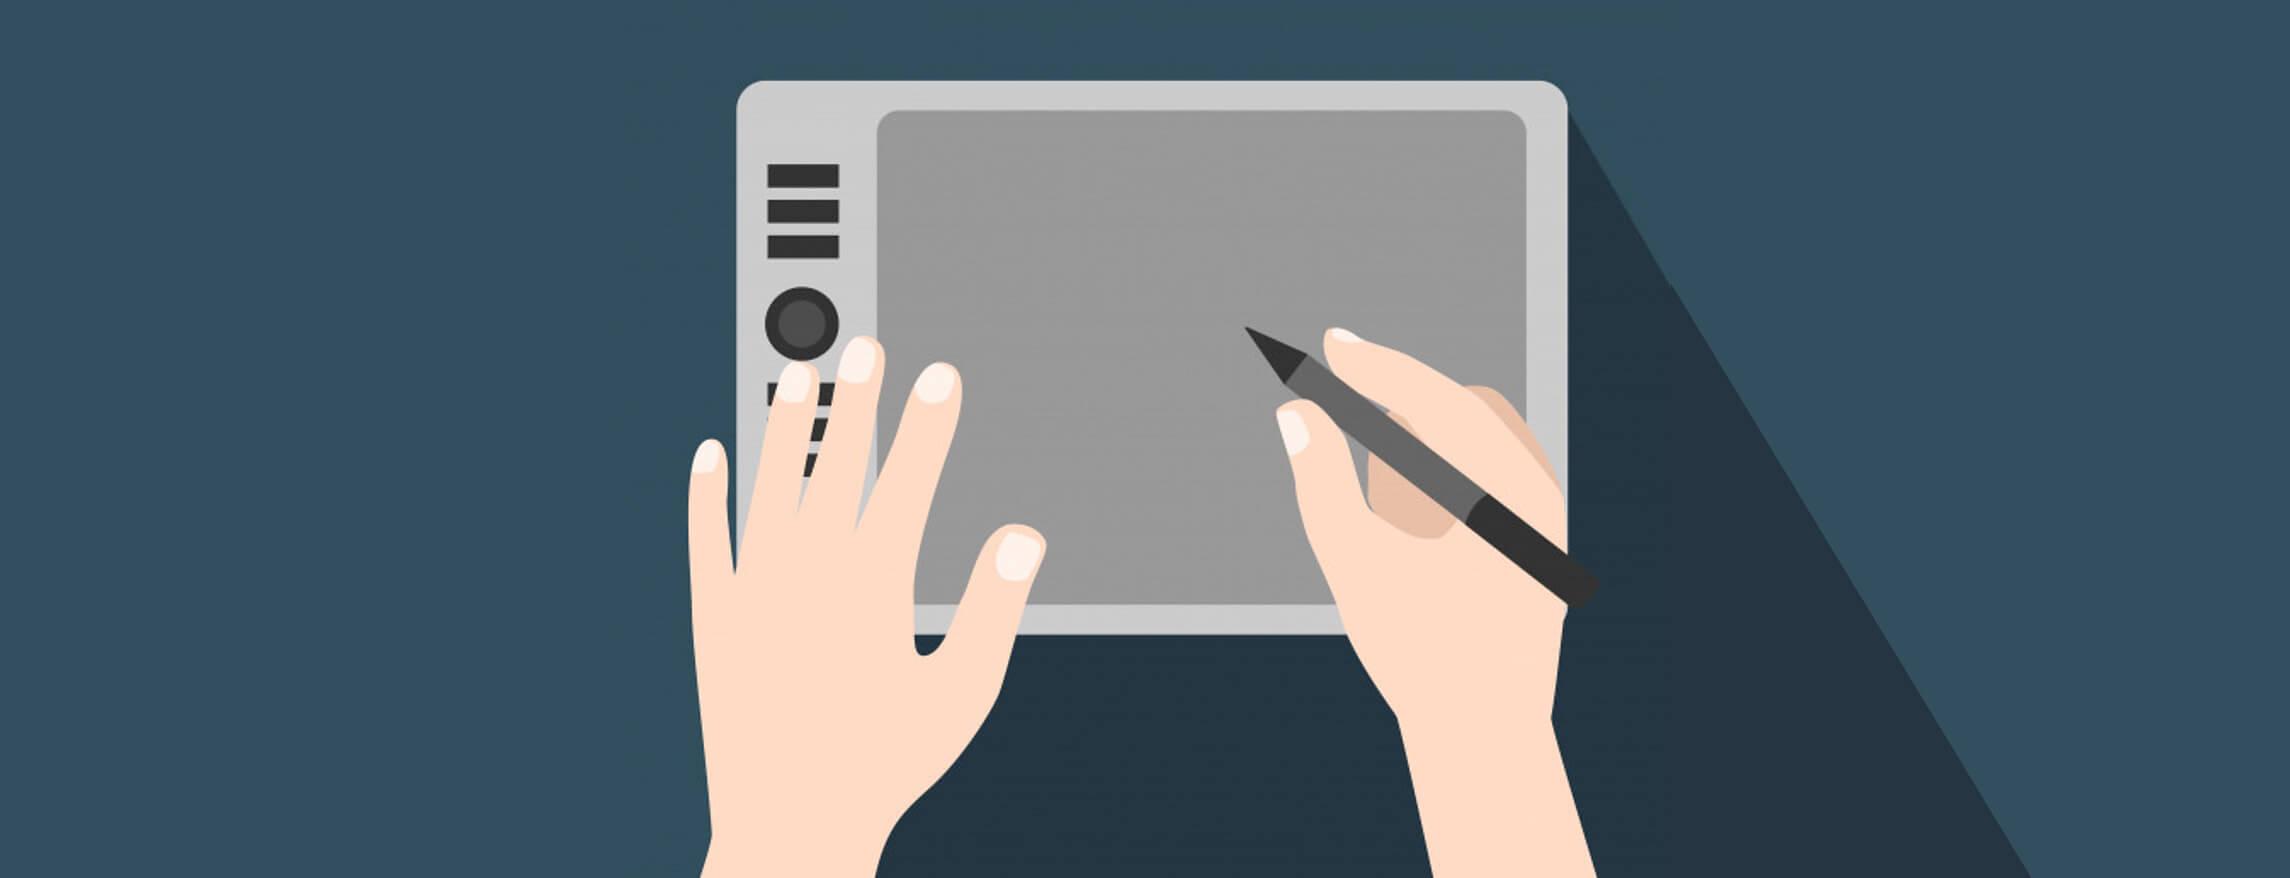 mejores tabletas graficas para diseño grafico